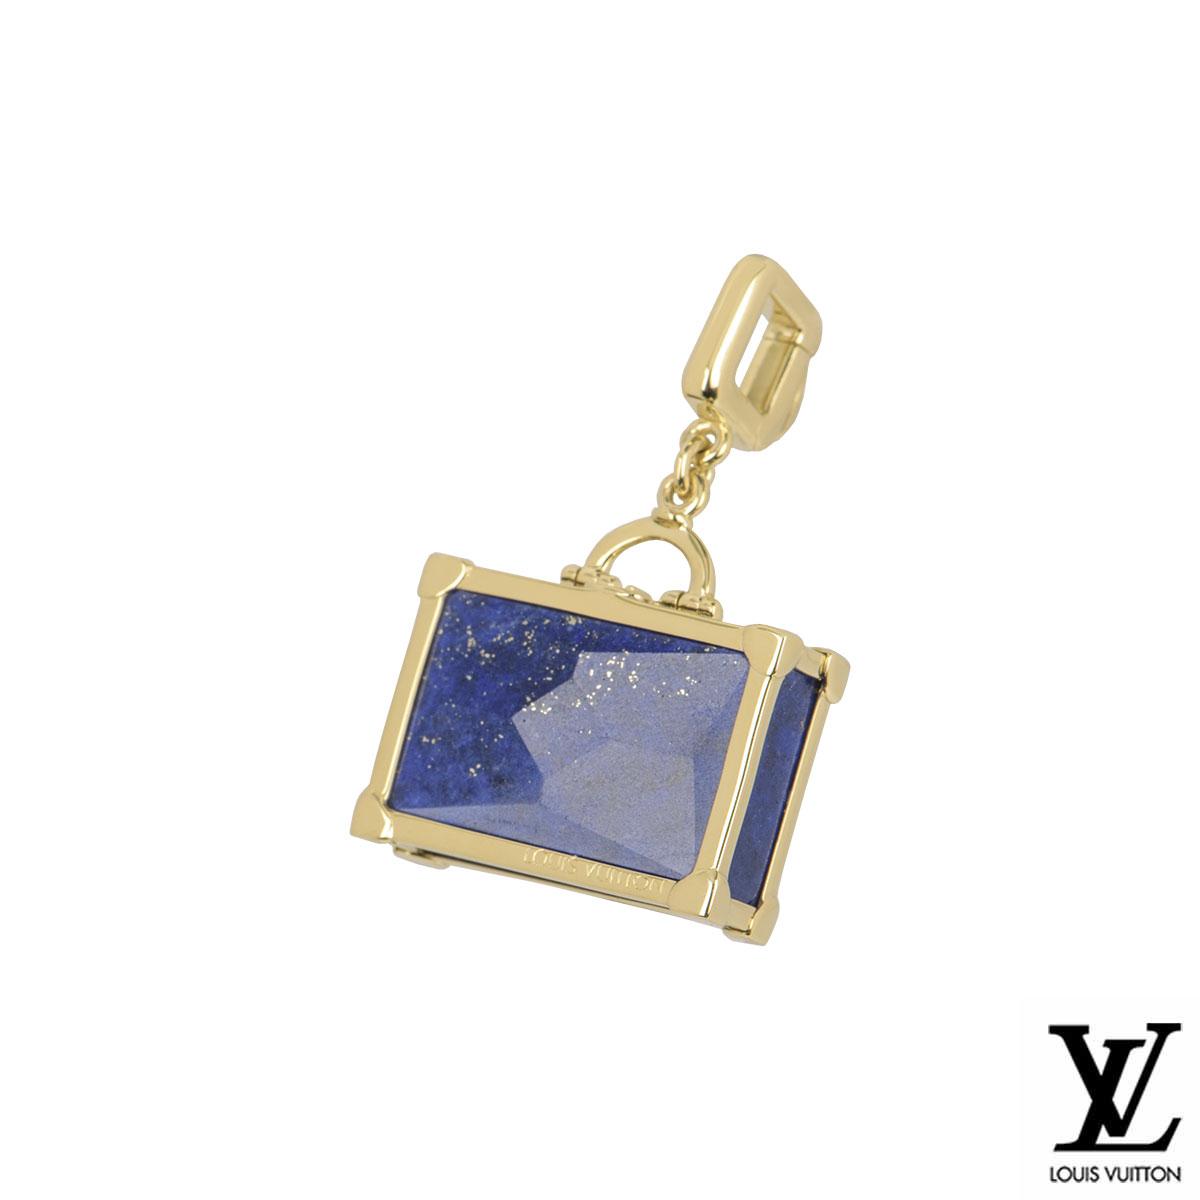 Louis Vuitton Yellow Gold Lapis Lazuli Suitcase Charm